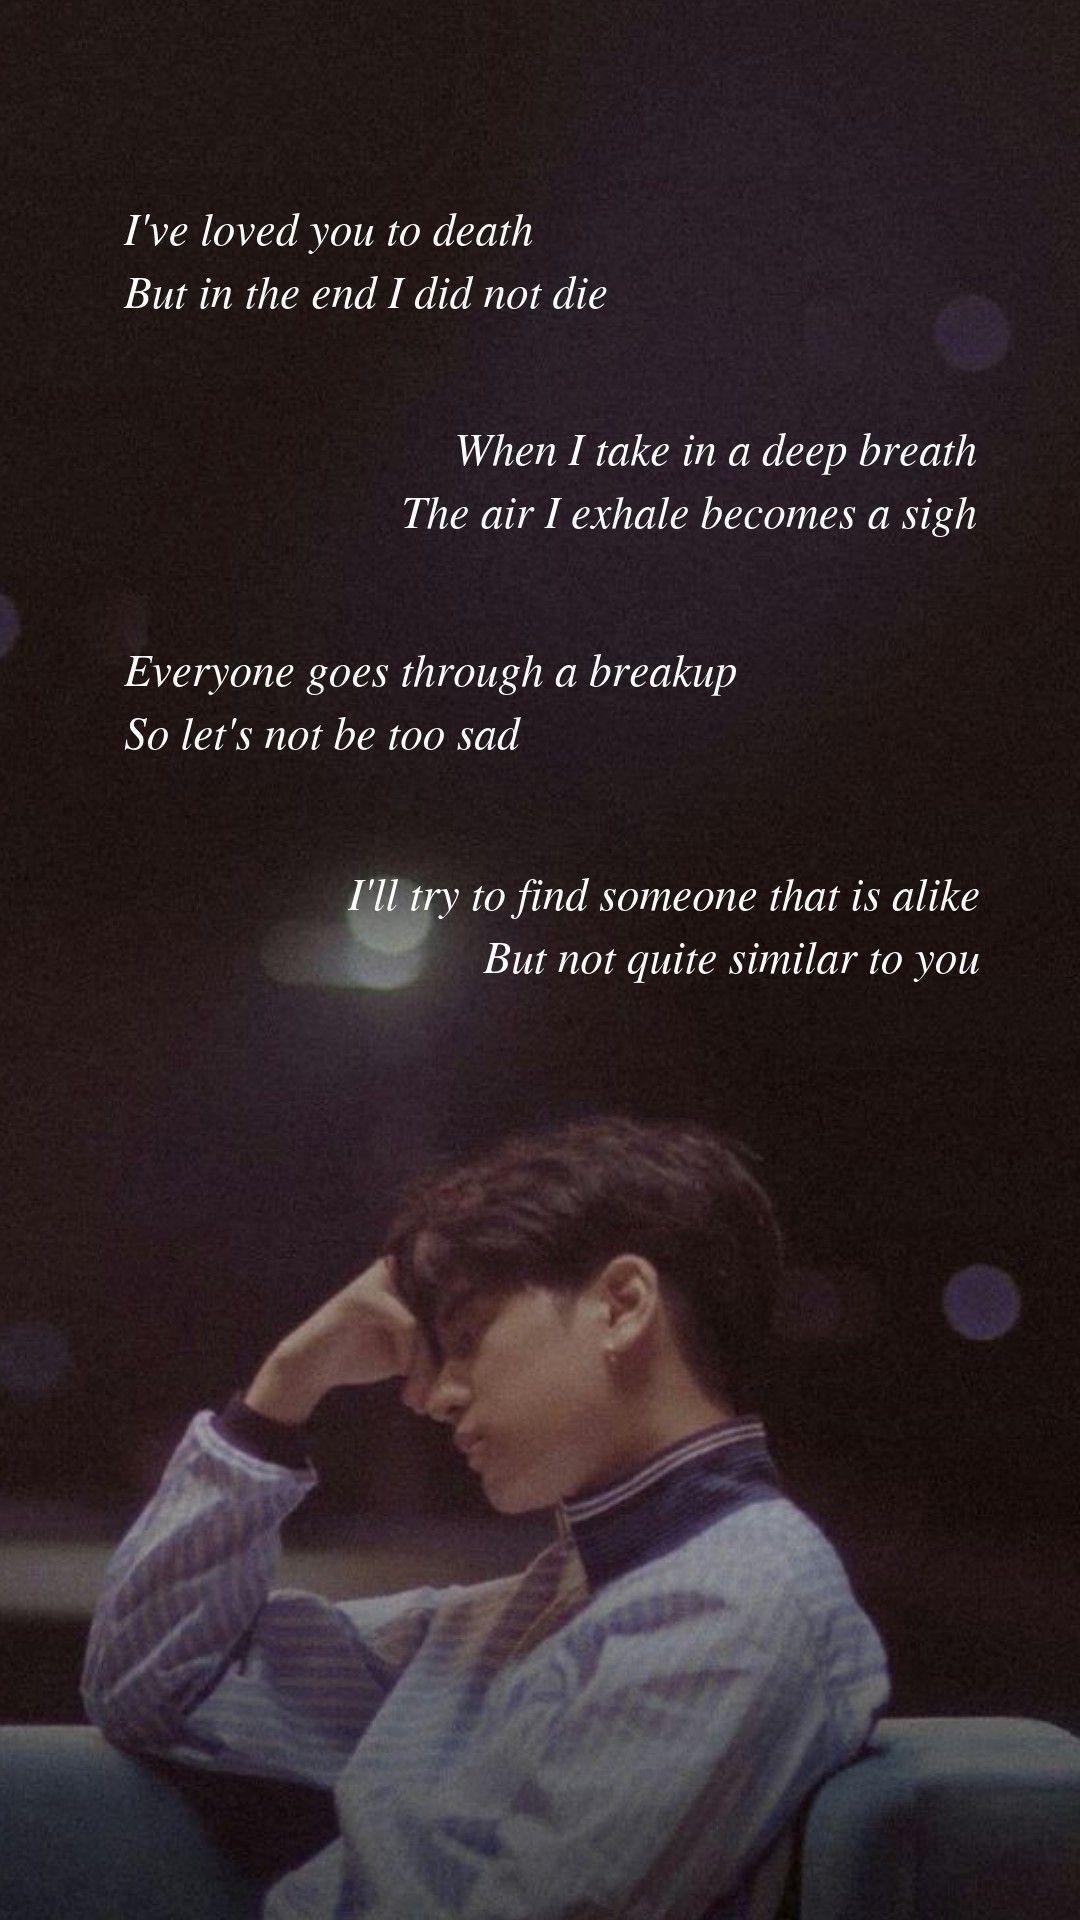 Goodbye Road by iKON Lyrics wallpaper Kutipan lirik